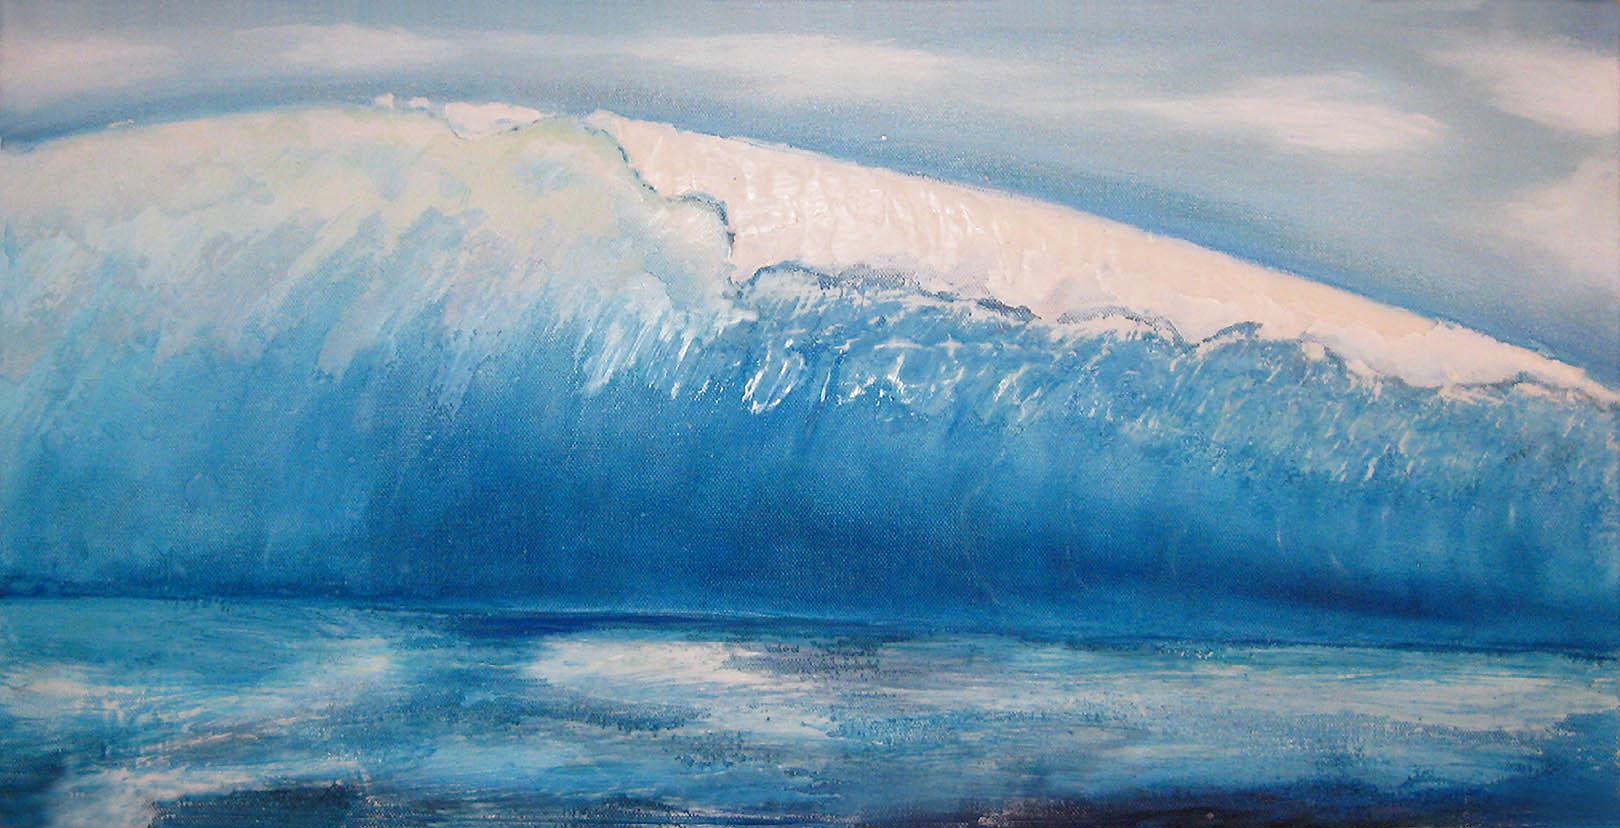 wave XVIIIfinalbig